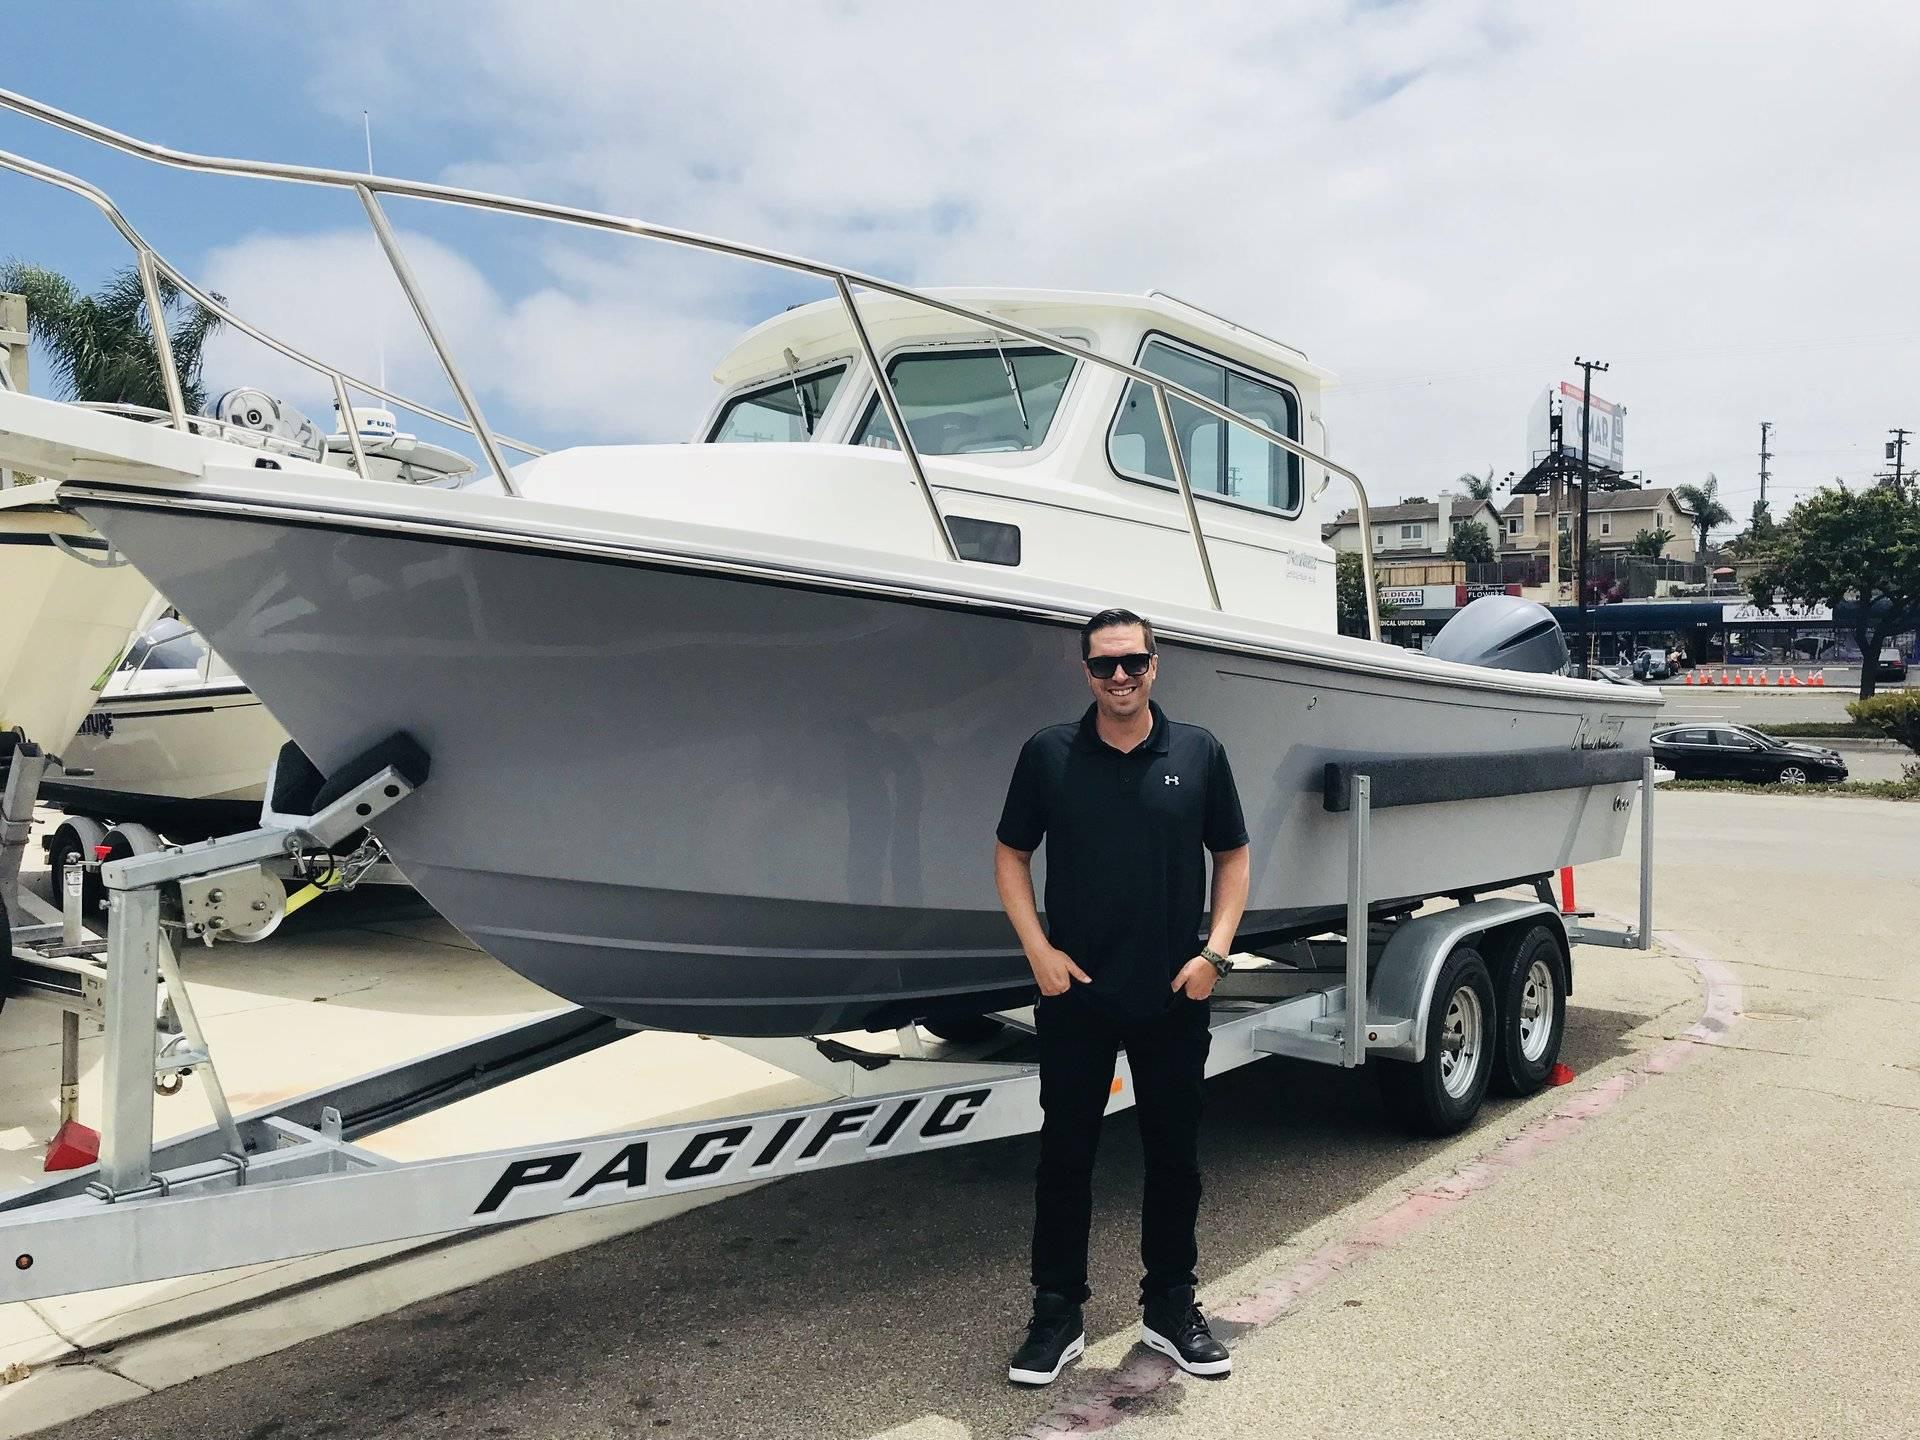 2018 Parker Boat 2320 Build | Bloodydecks